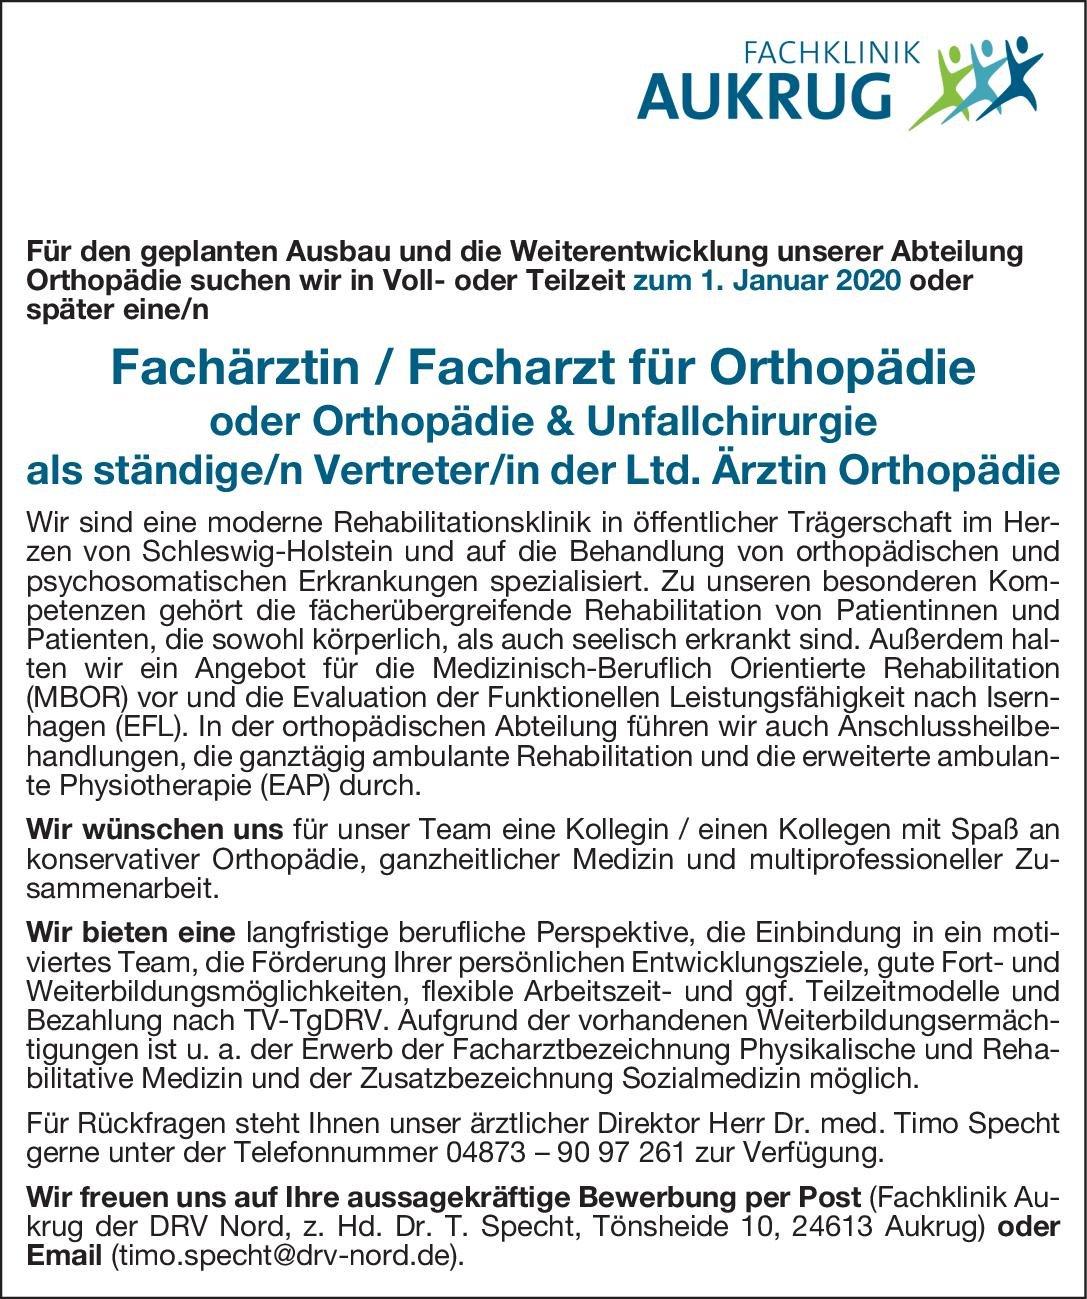 Fachklinik Aukrug der DRV Nord Fachärztin / Facharzt für Orthopädie oder Orthopädie & Unfallchirurgie  Orthopädie und Unfallchirurgie, Chirurgie Arzt / Facharzt